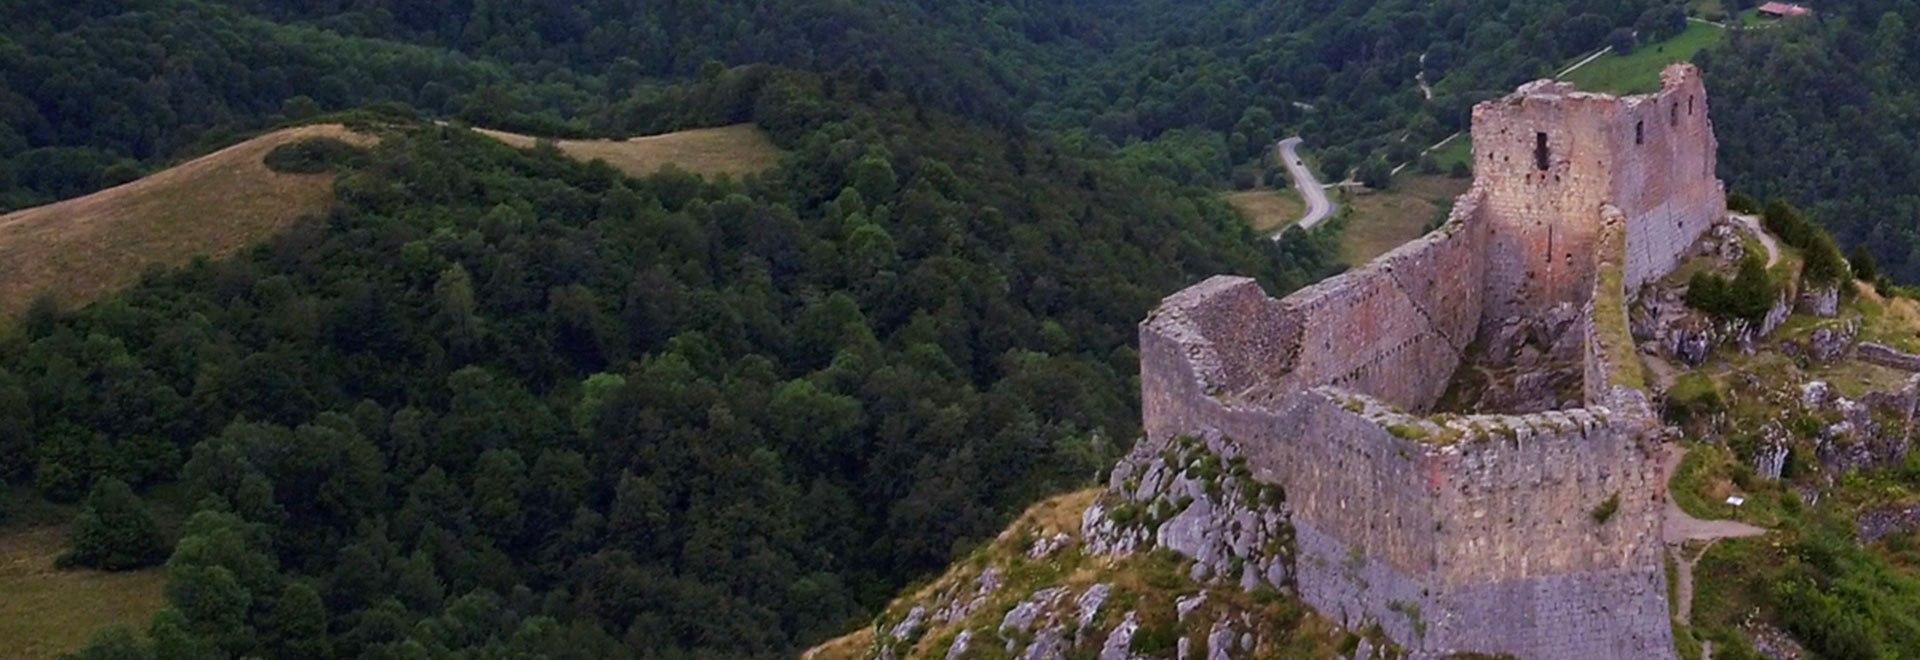 Castelli naturali